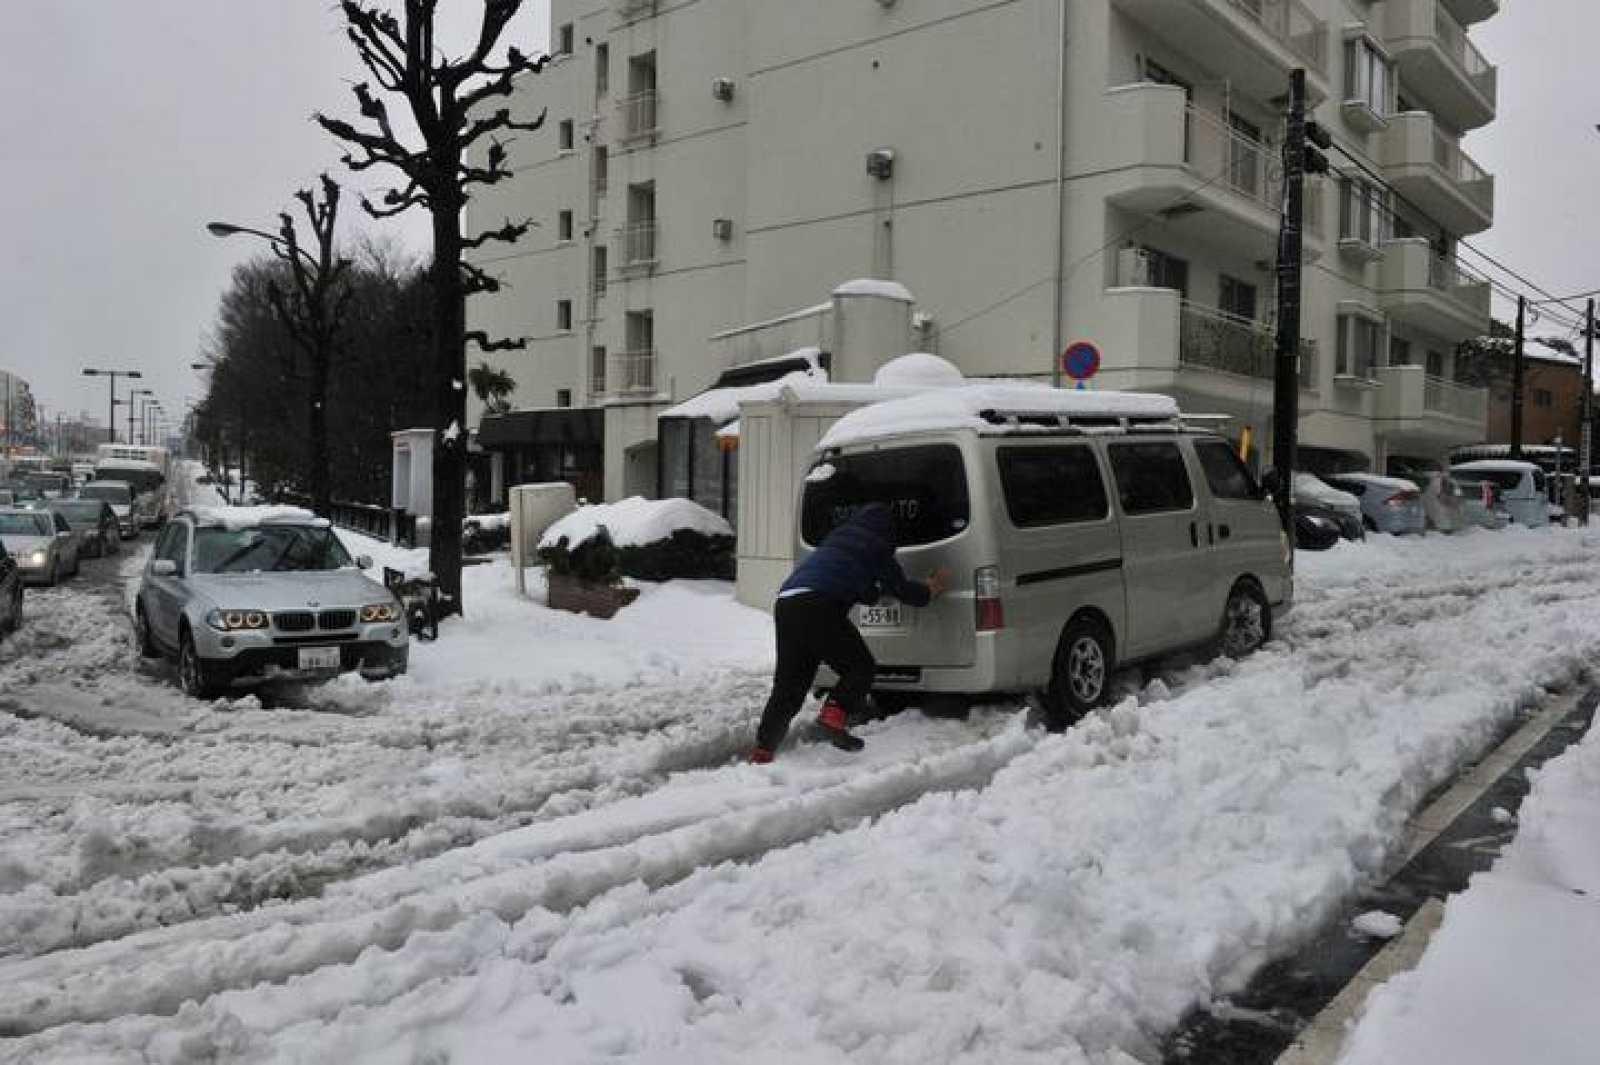 Un hombre empuja su vehículo en una carretera nevada en Tokio